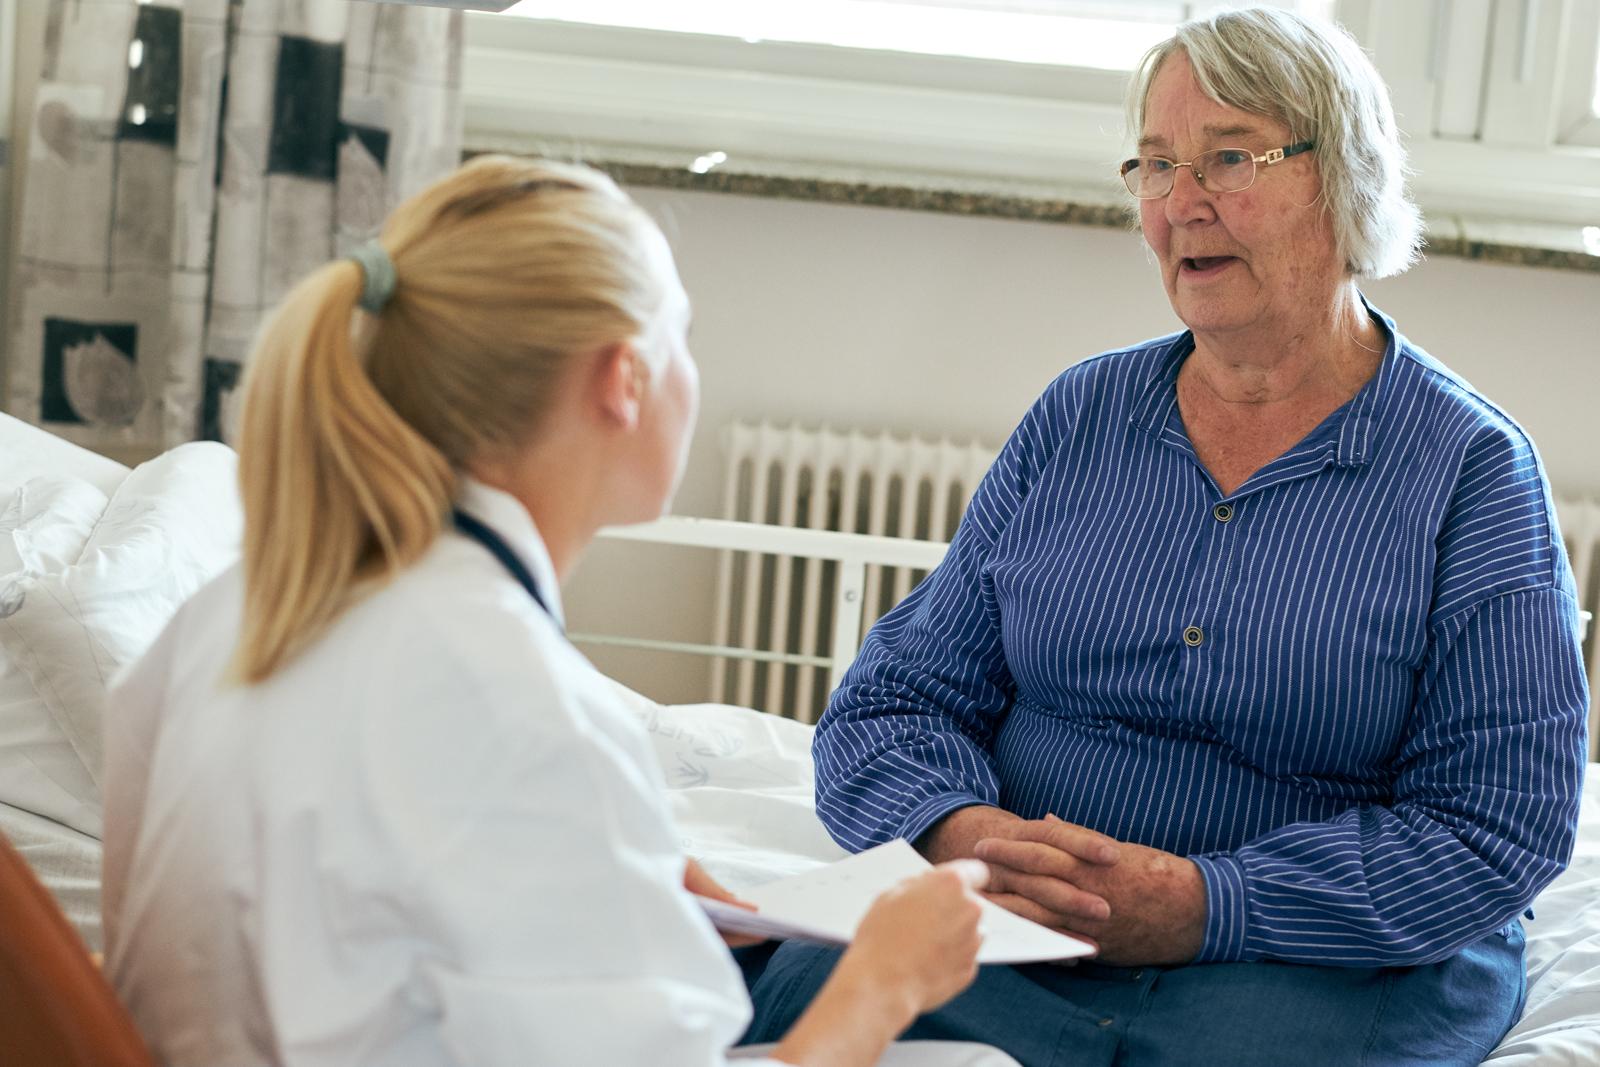 Sykepleier samtaler med pasient om behandlingsvalg